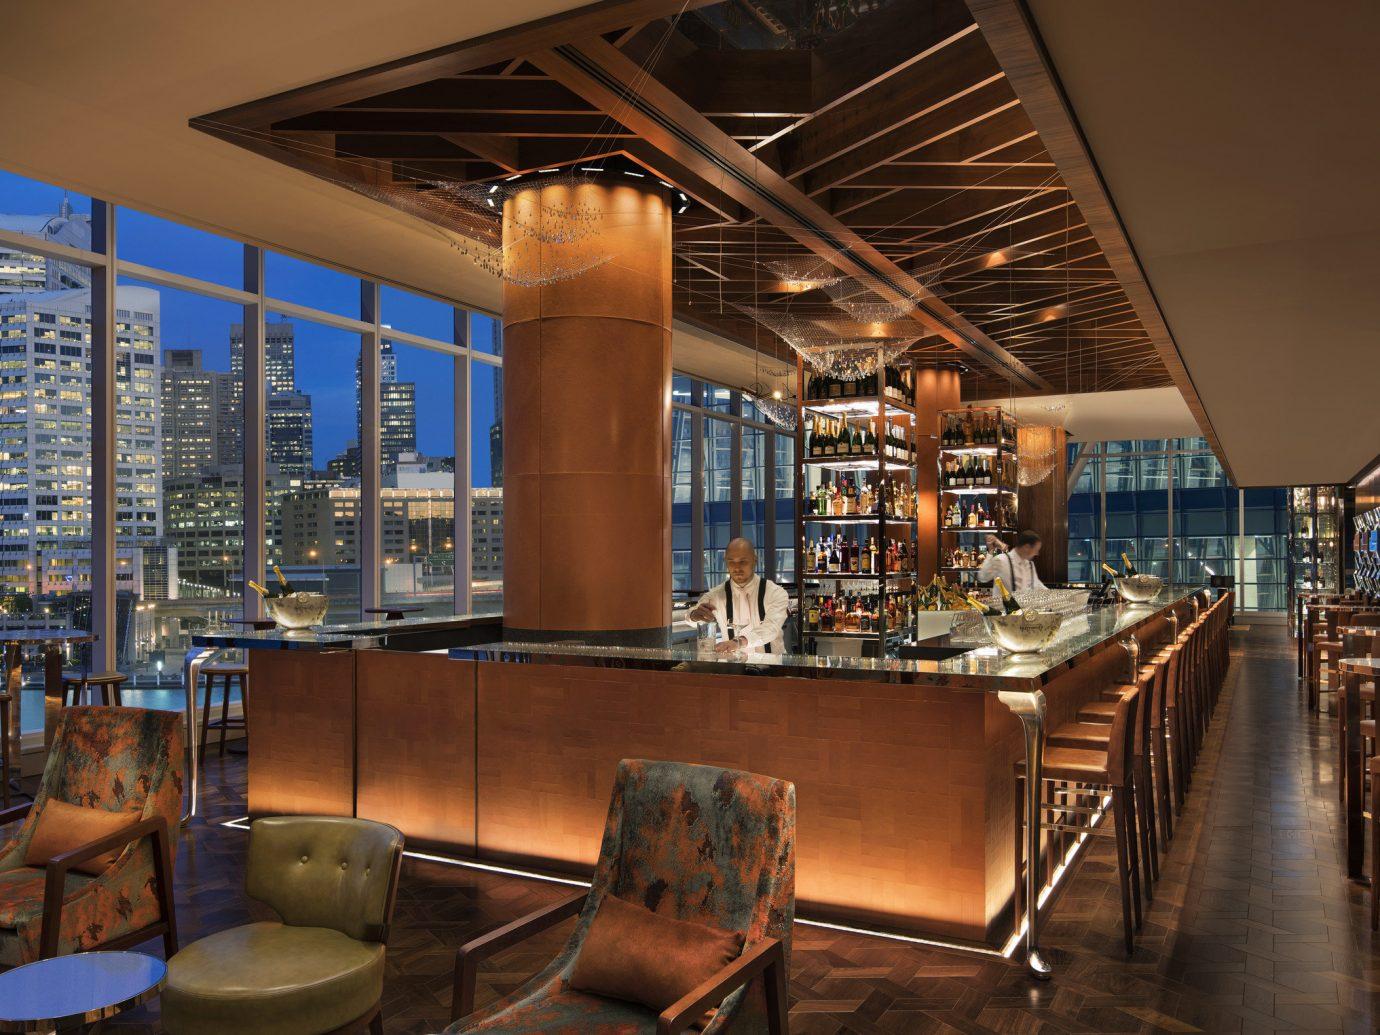 Trip Ideas indoor floor ceiling room restaurant interior design Bar furniture Dining area several